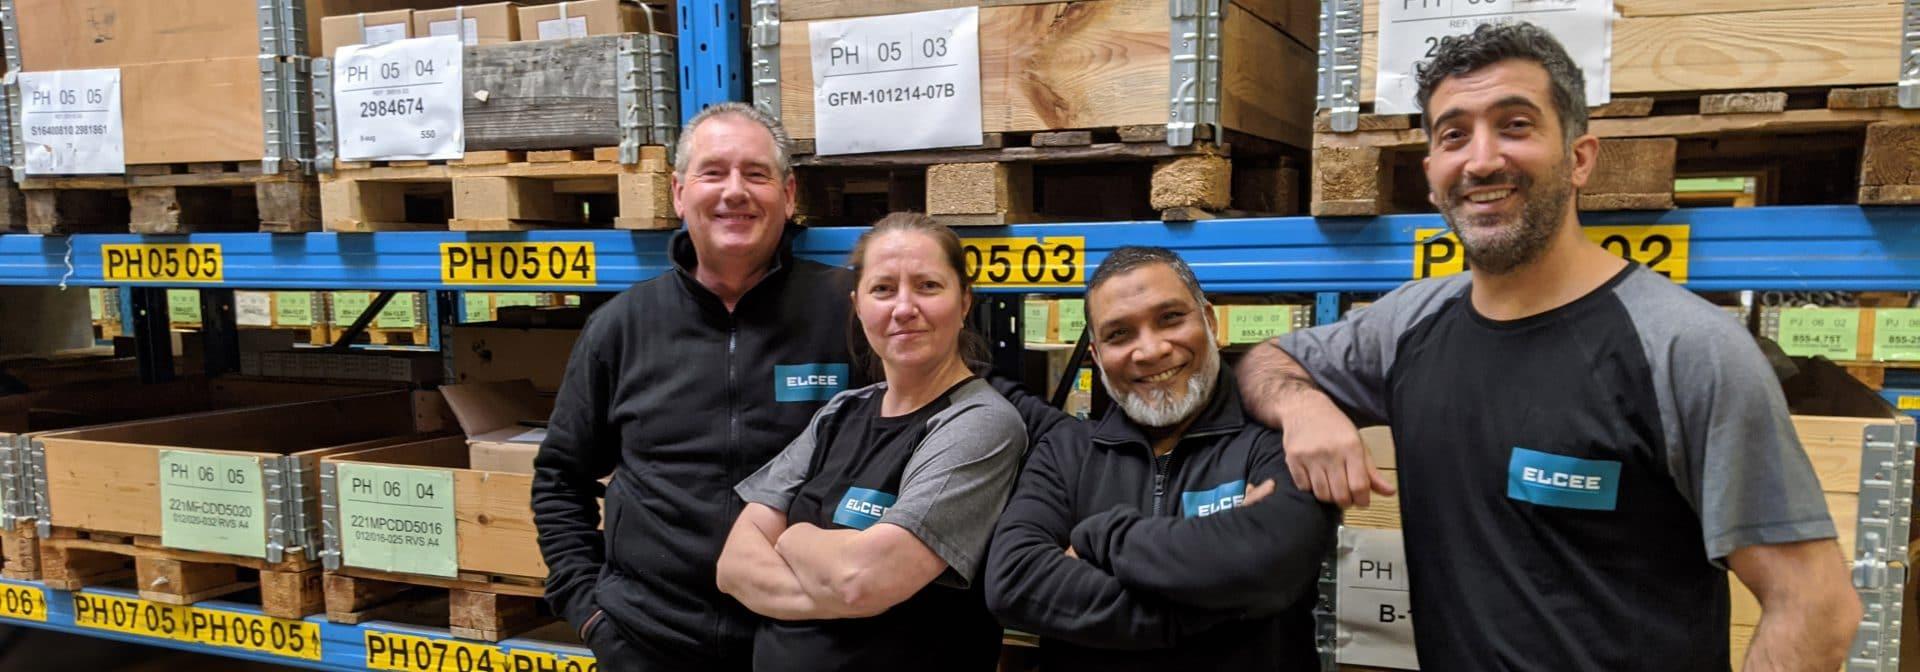 ELCEE warehouse medewerkers supply chain